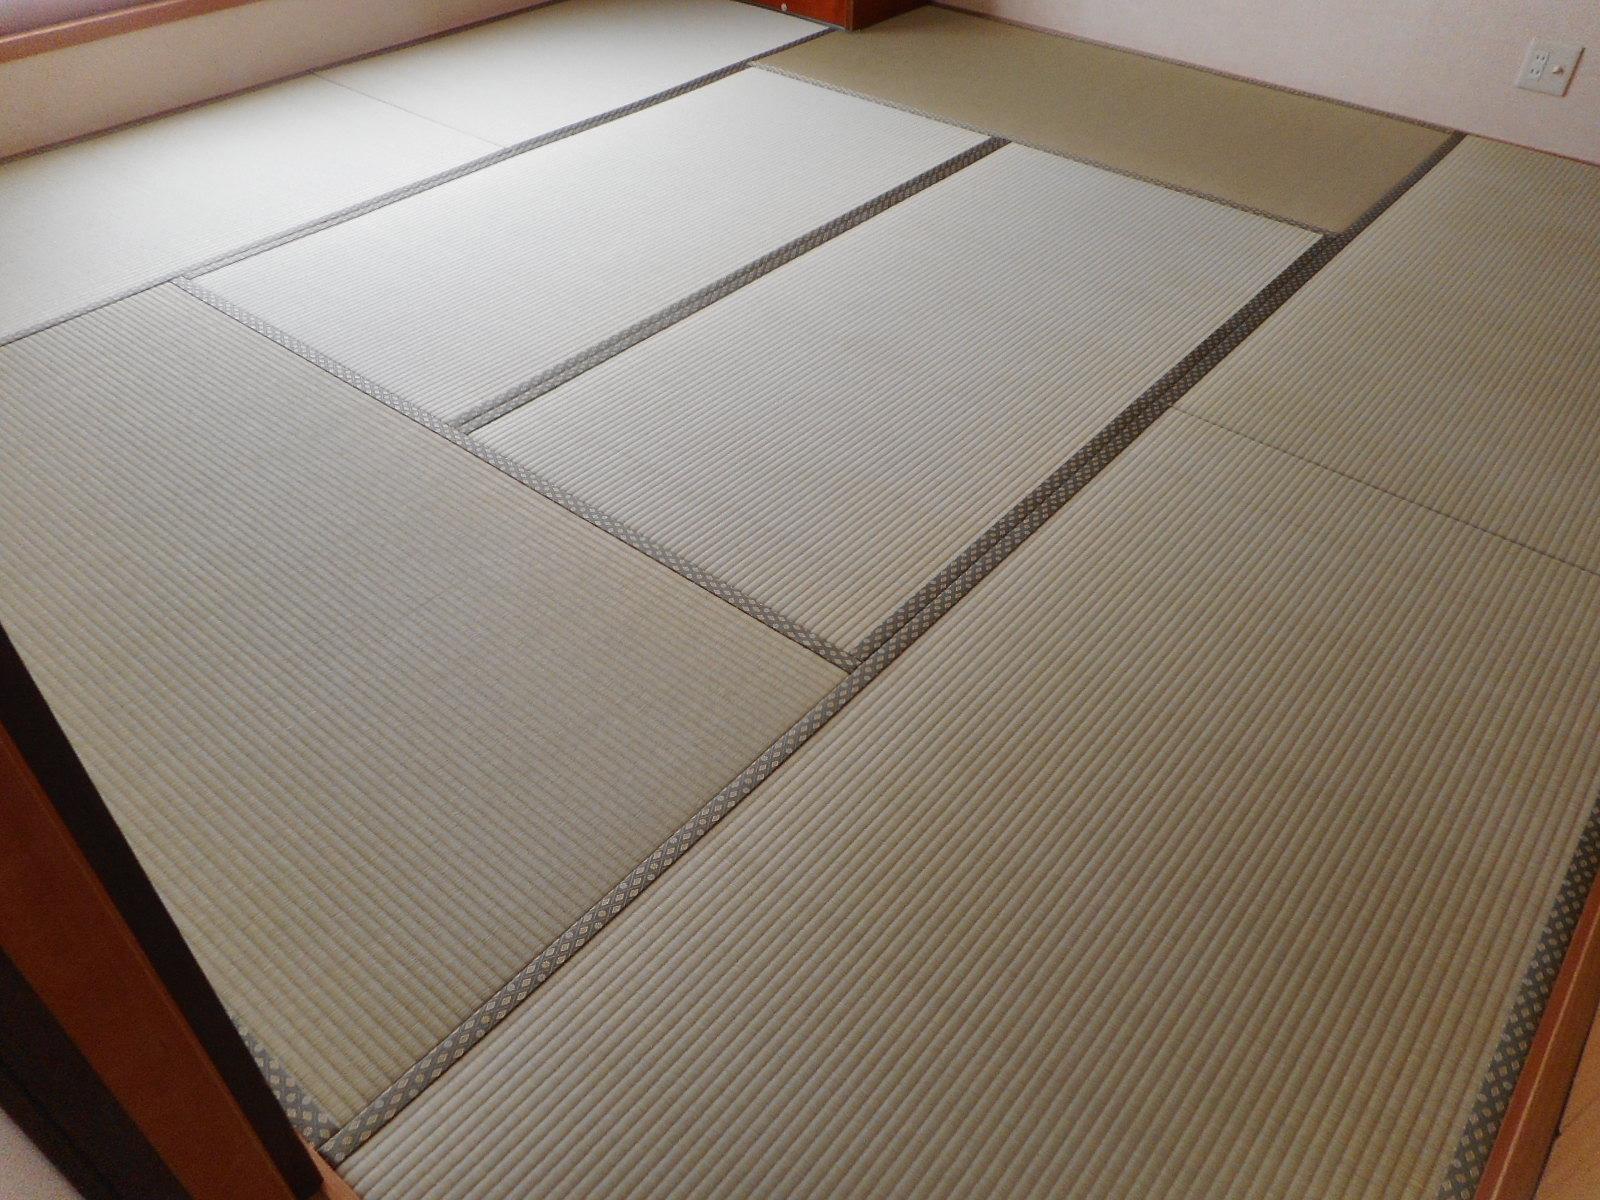 国分寺市S様「特上」畳おもてで畳表替えした時の施工写真です